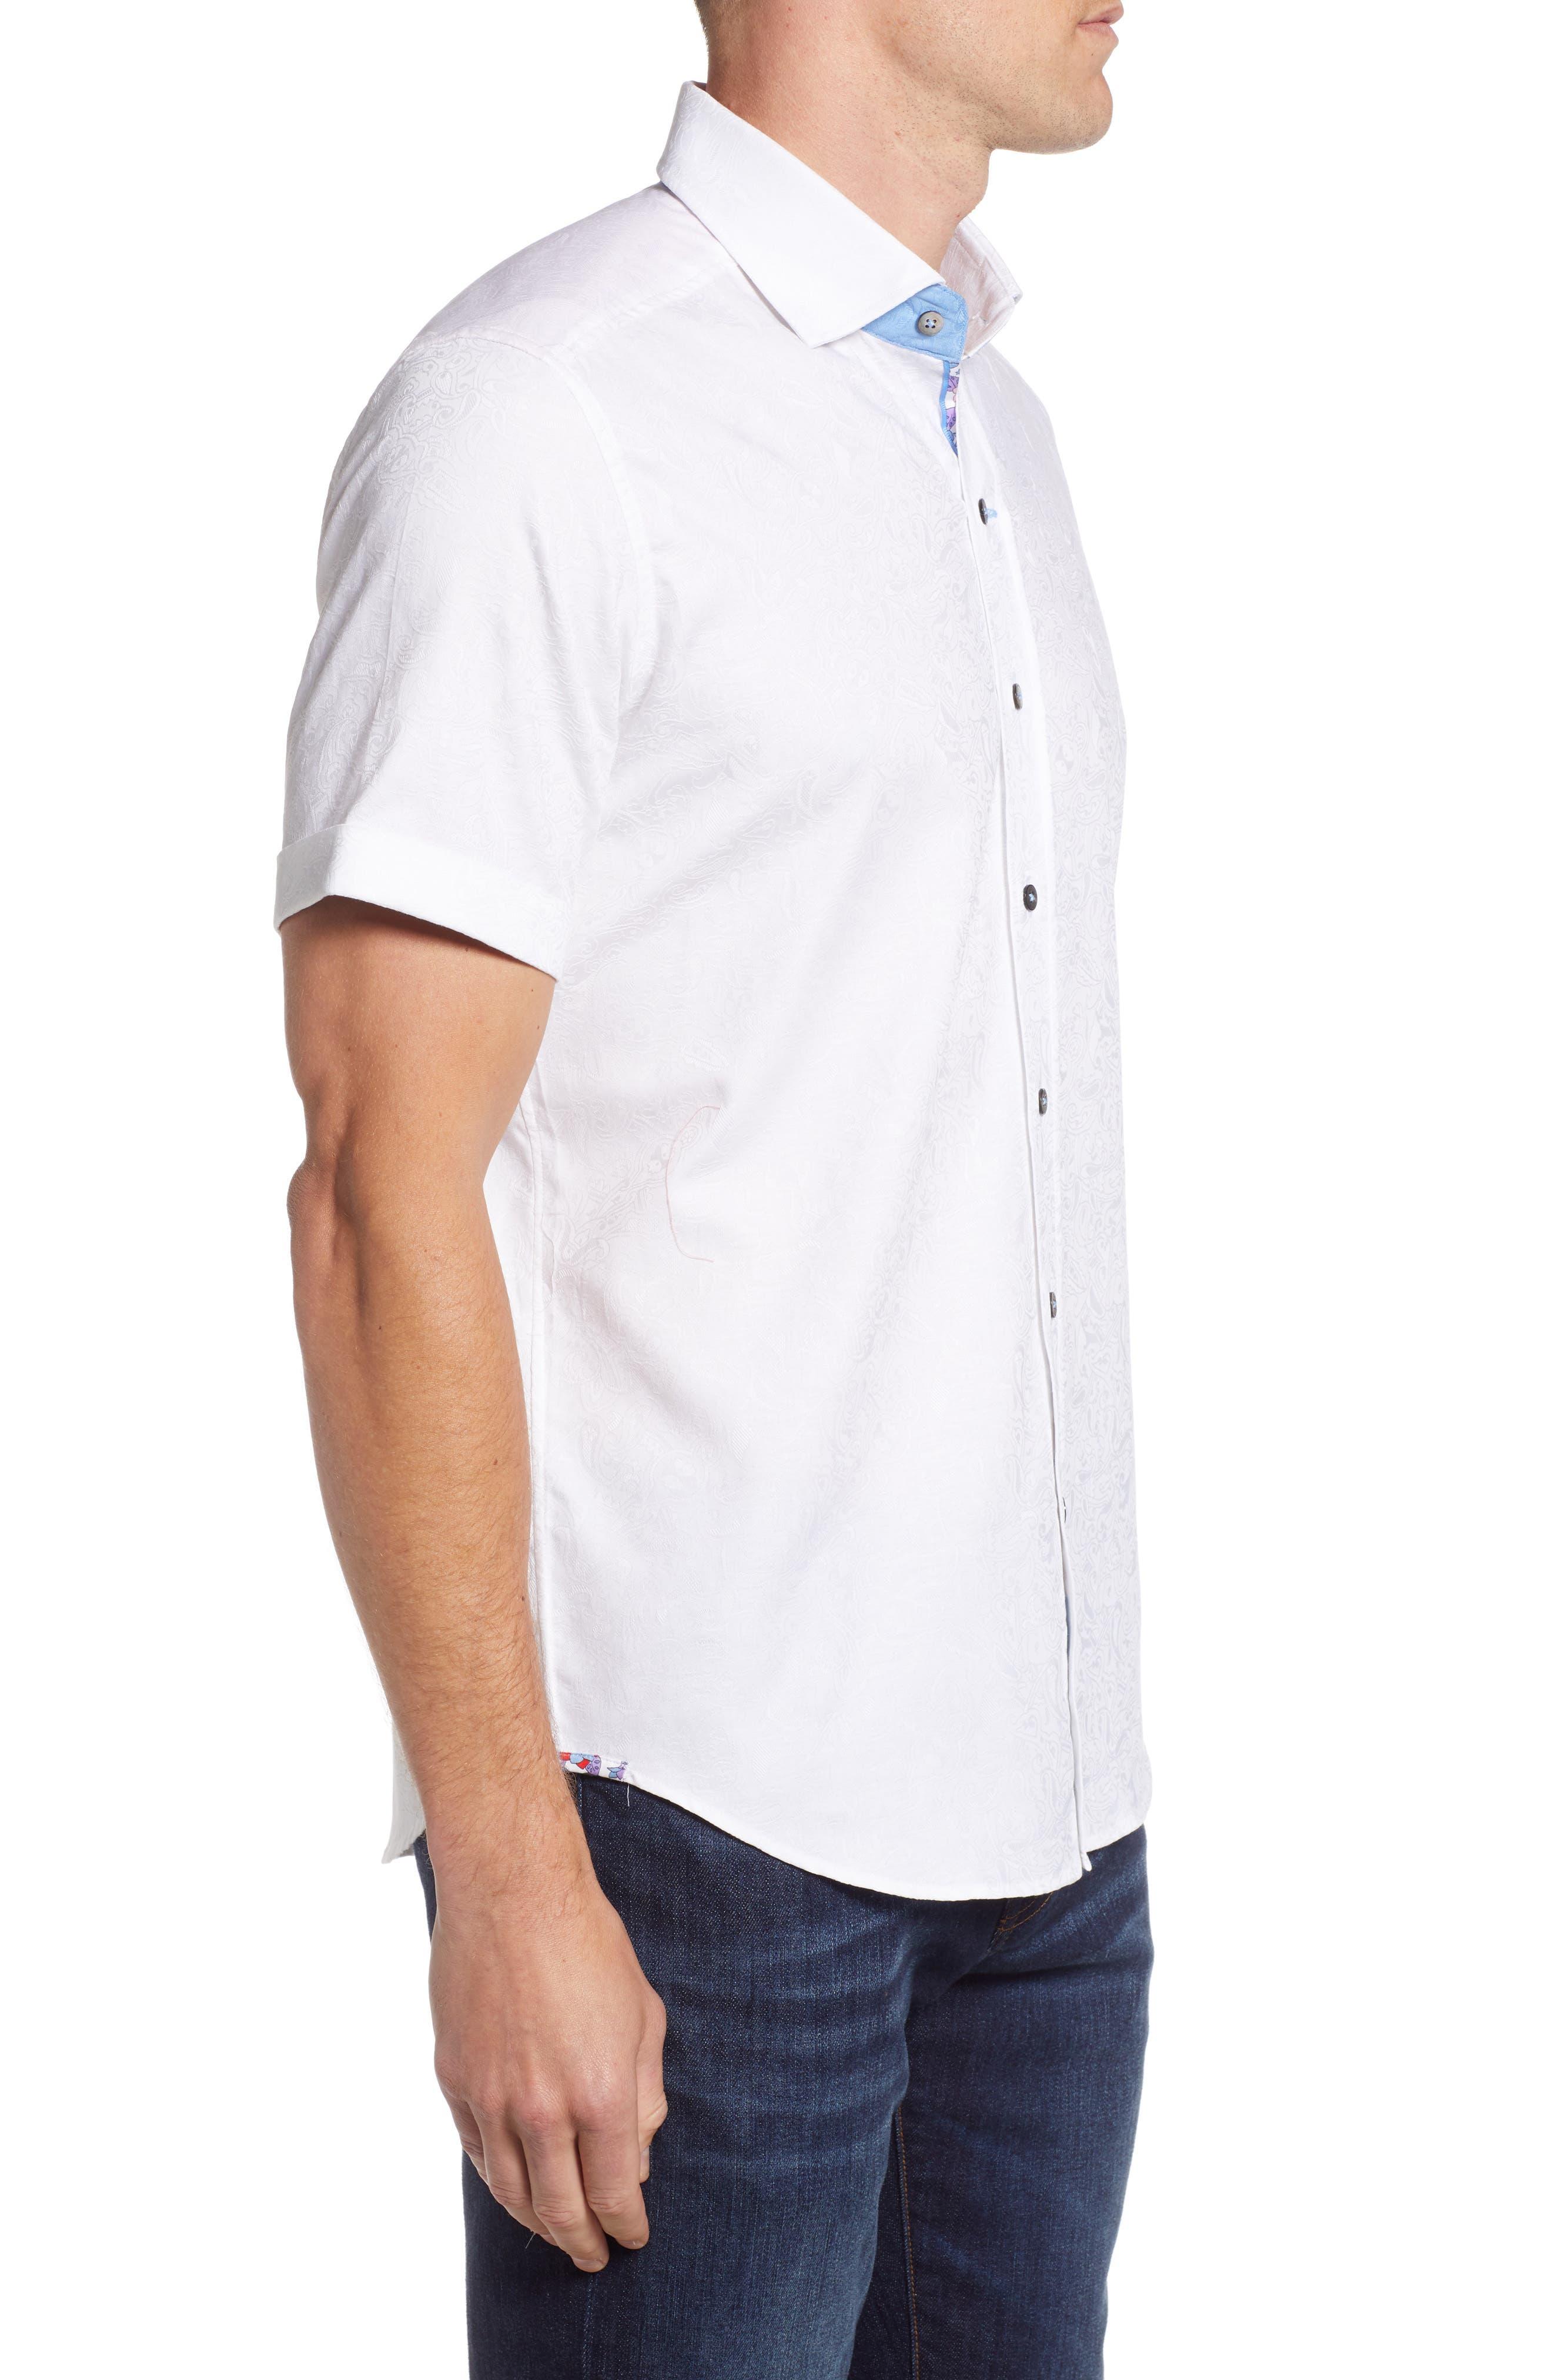 Abbott Sport Shirt,                             Alternate thumbnail 4, color,                             White